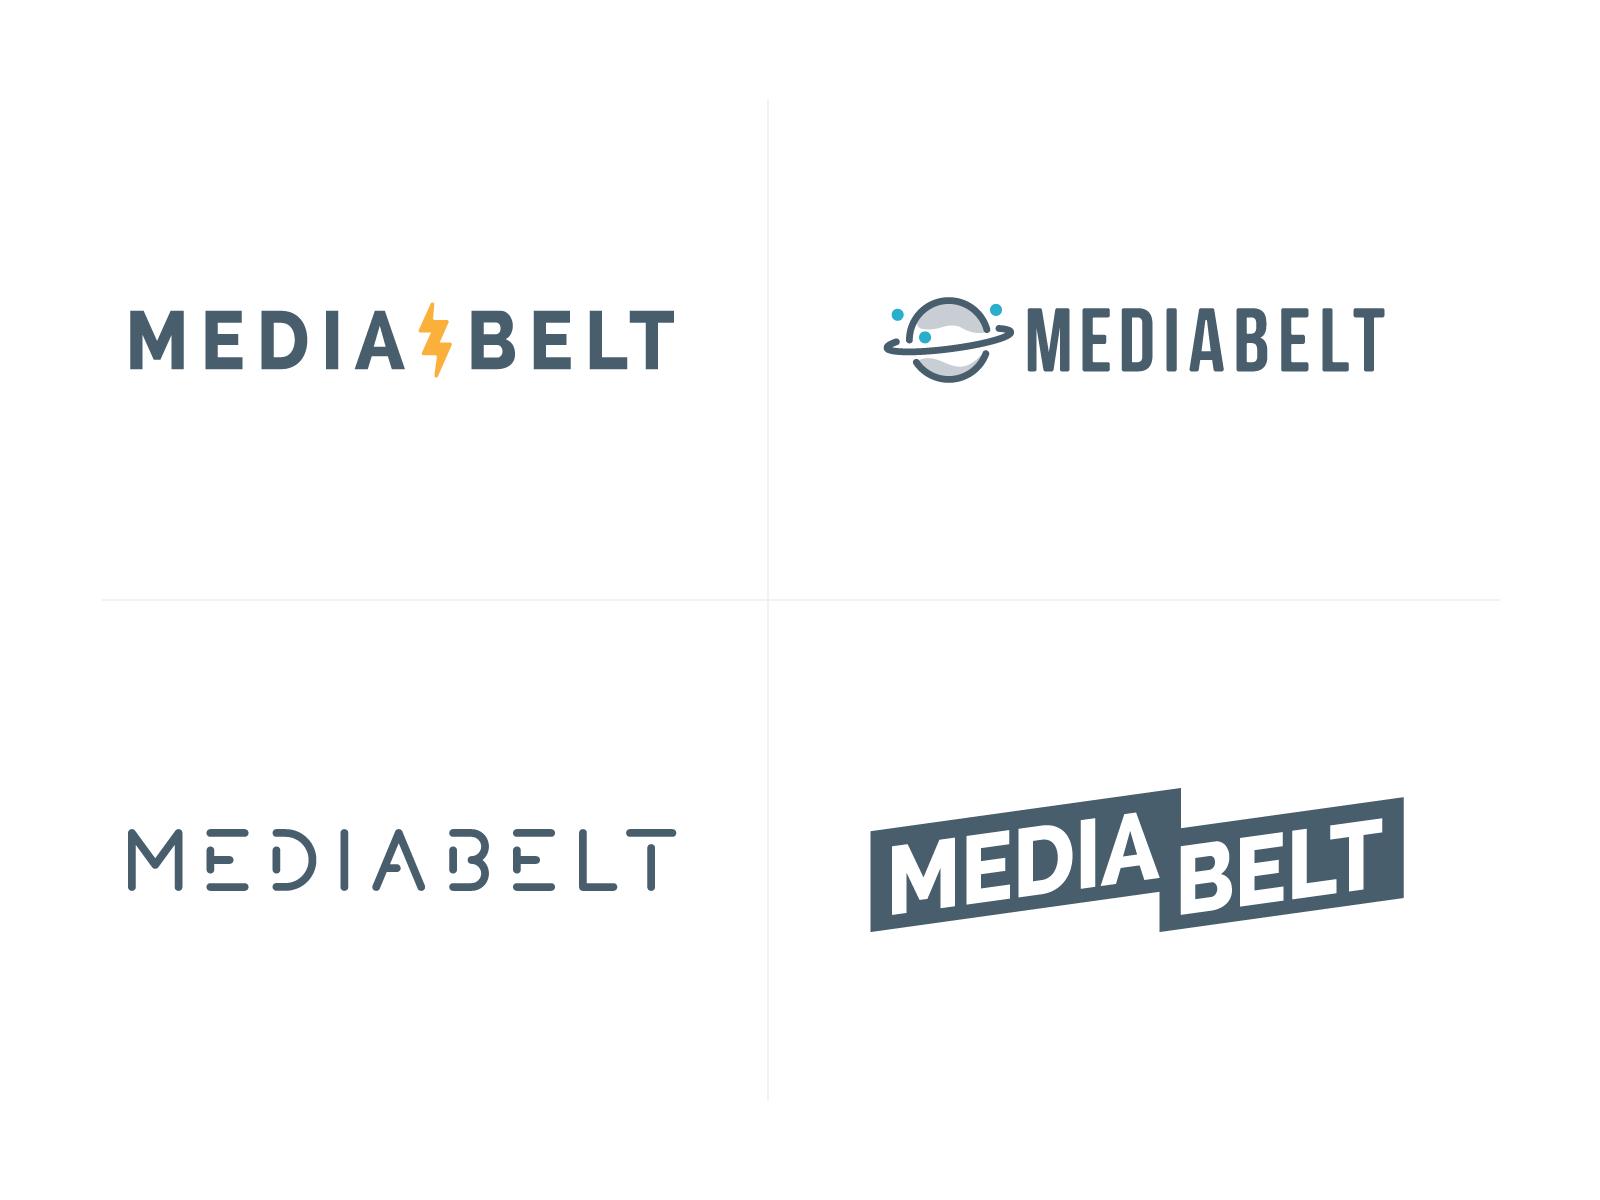 Mediabelt lg